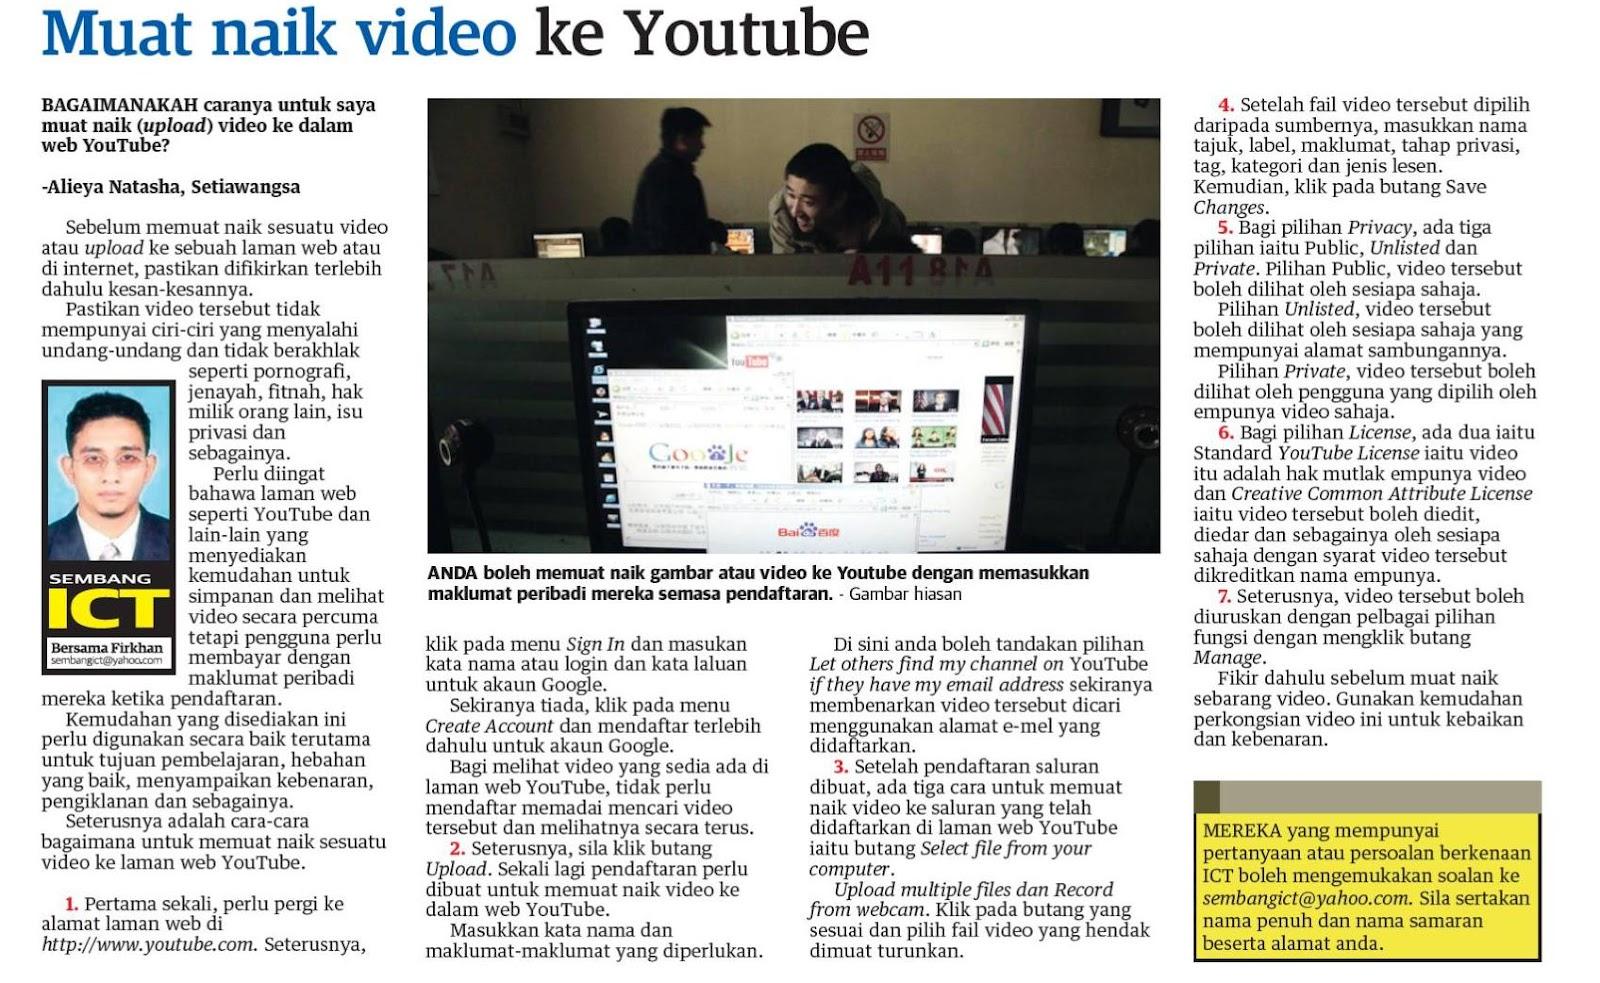 Adik adik mari kita belajar bagaimana muat naik video ke youtube ya bukan muat turun ni macam cikgu pulak da aku pun sebenarnya masih belum pernah